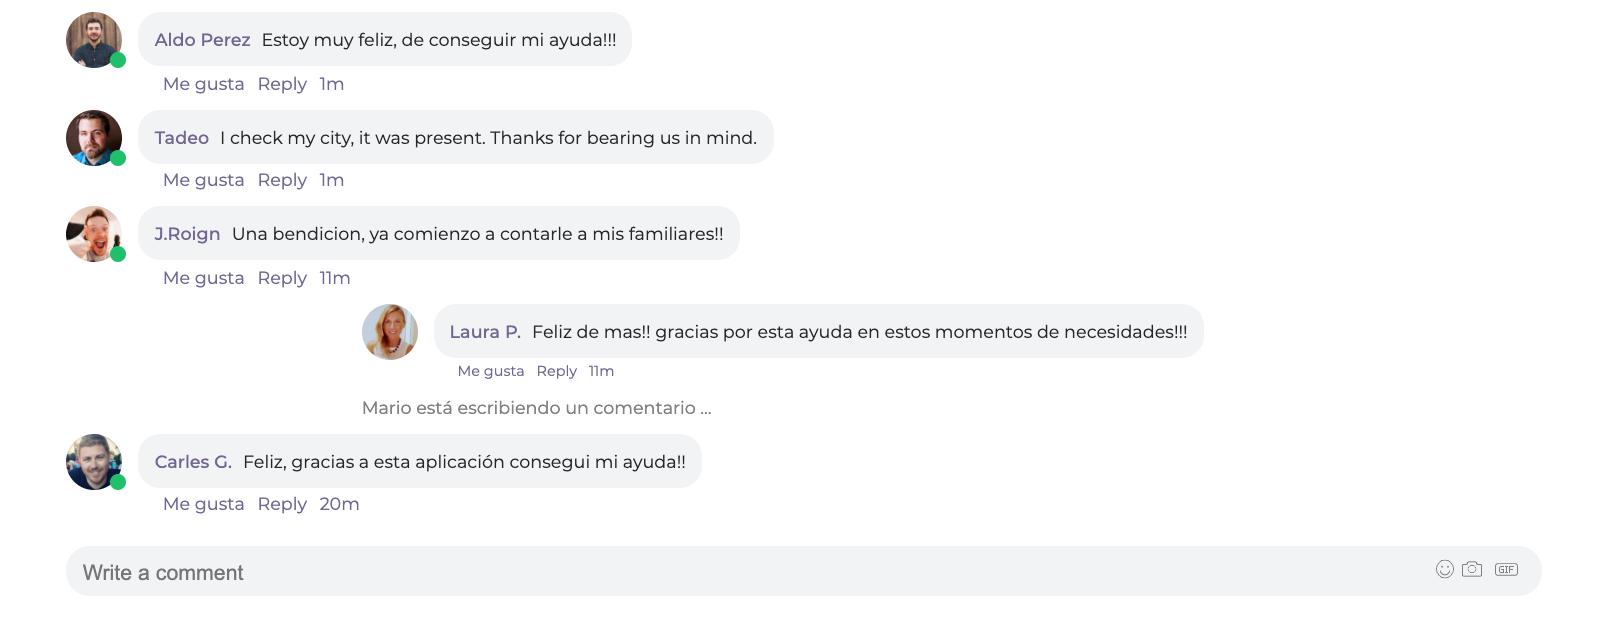 Comentarios_Falsos_programa_solidario